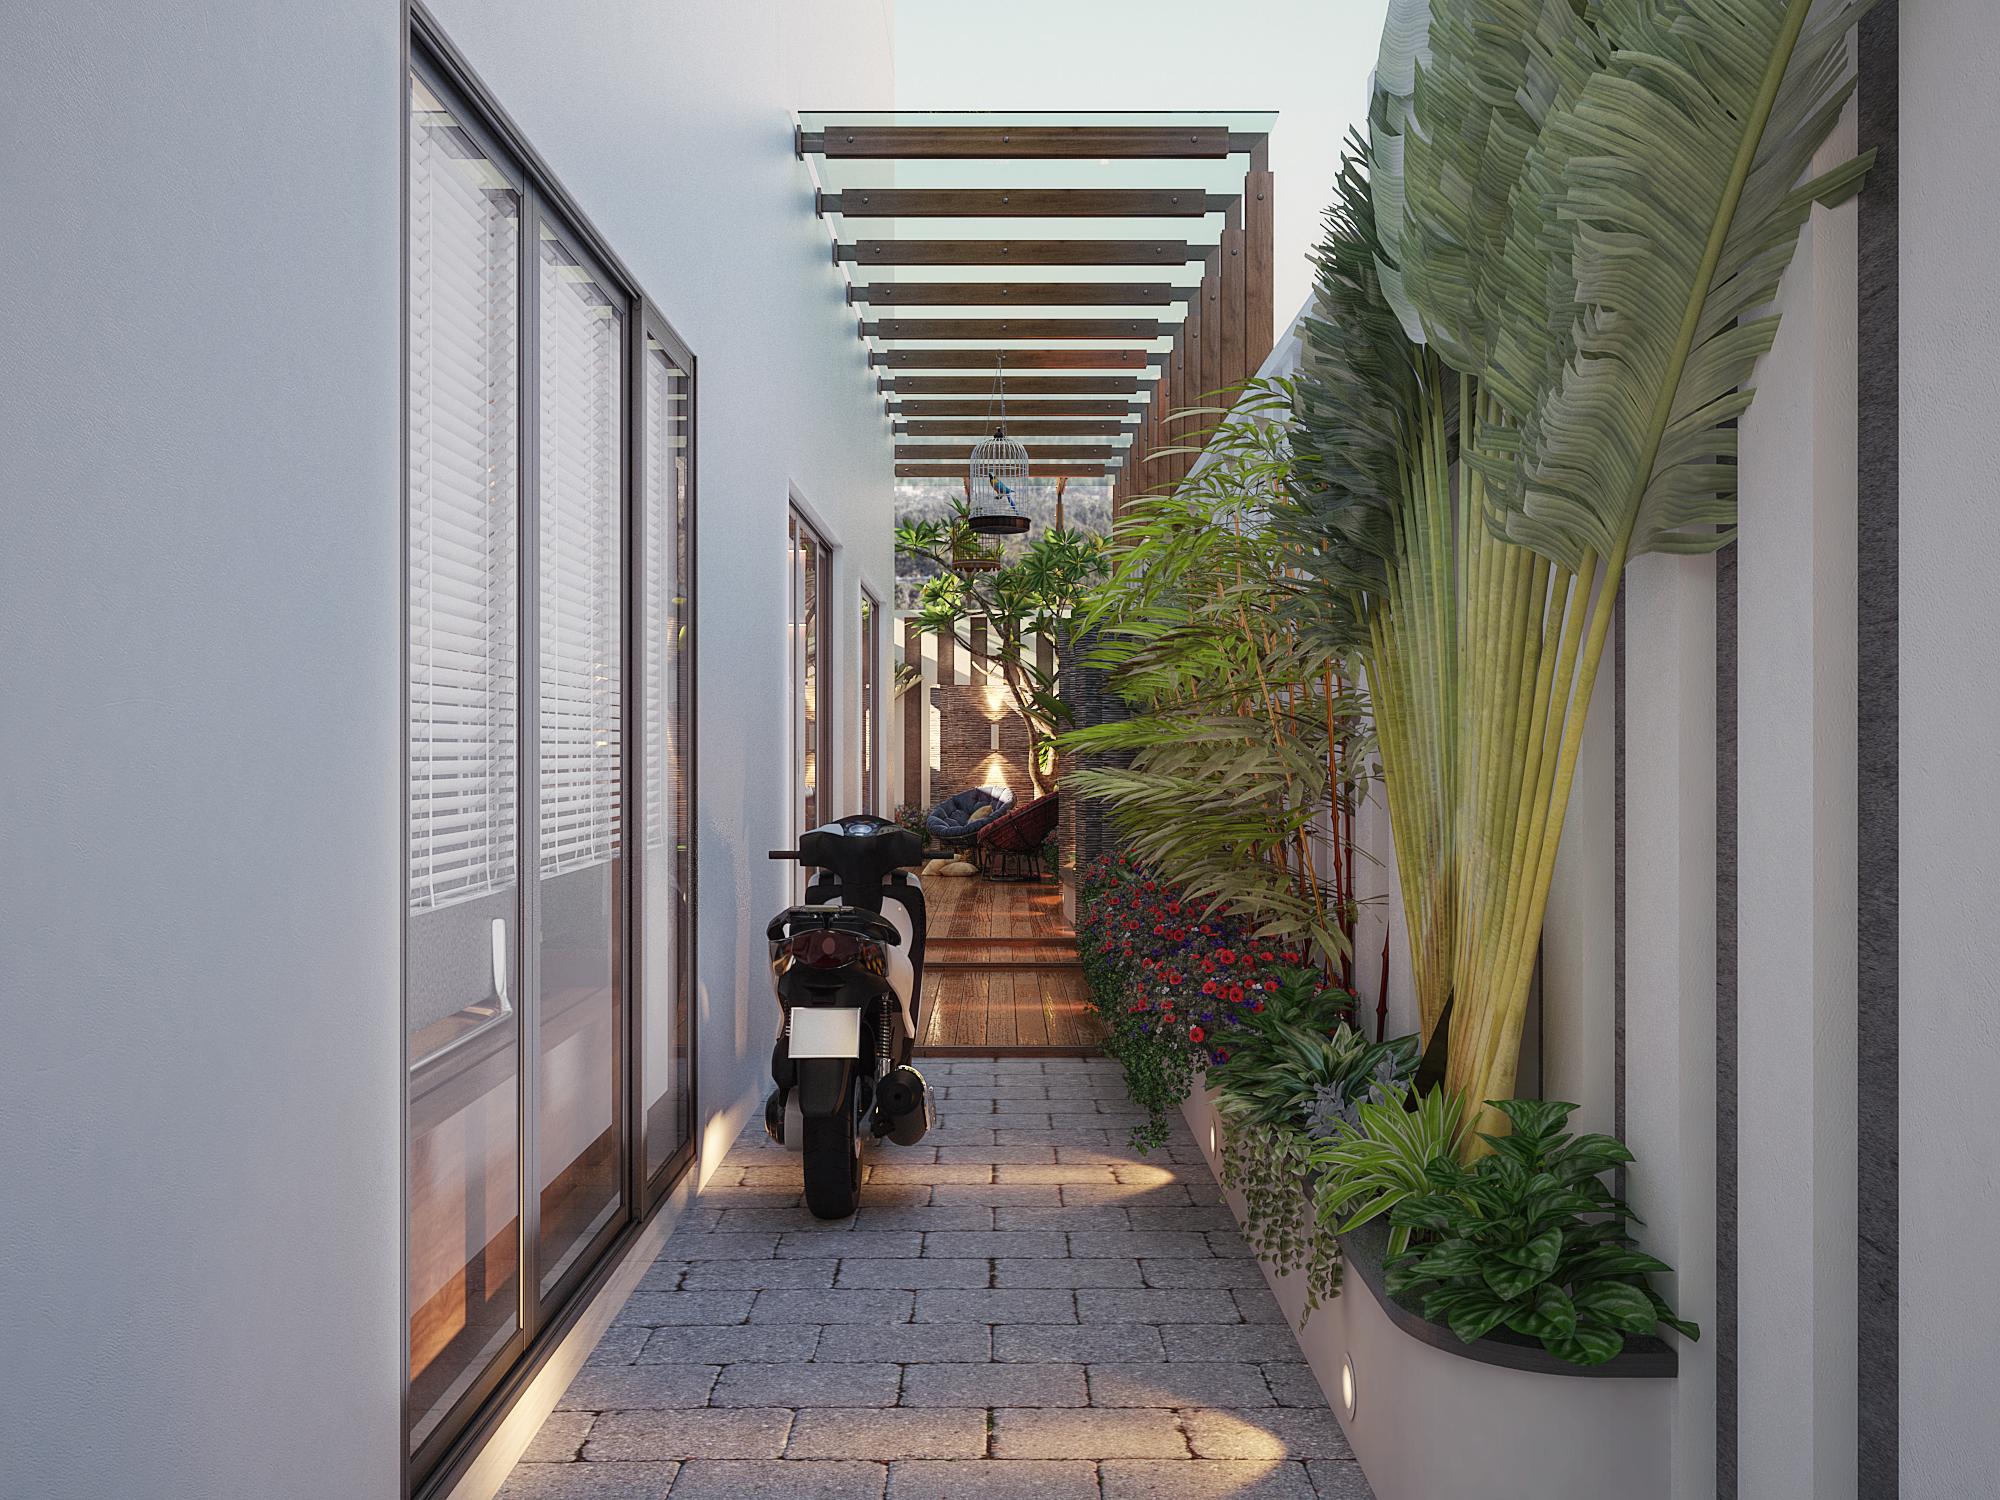 Thiết kế nội thất Biệt Thự tại Sơn La INTERIORO _02 1575334958 4